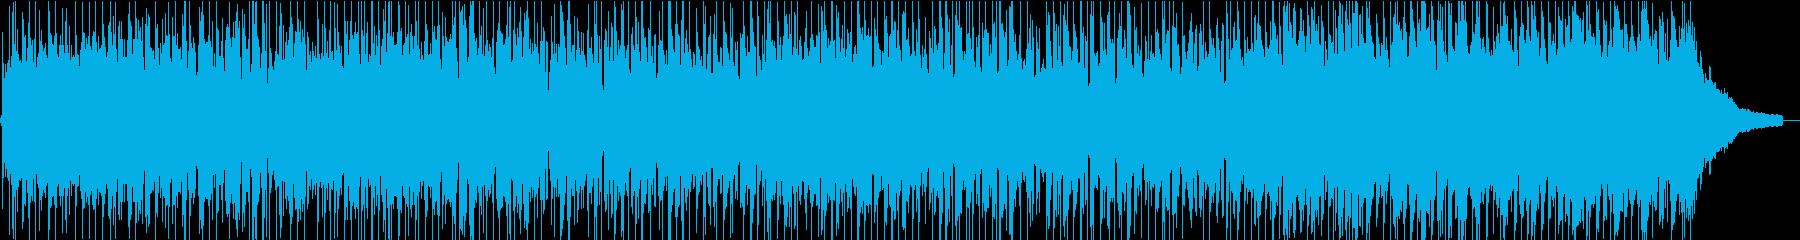 ポップフォーク。 12個の弦を離調...の再生済みの波形